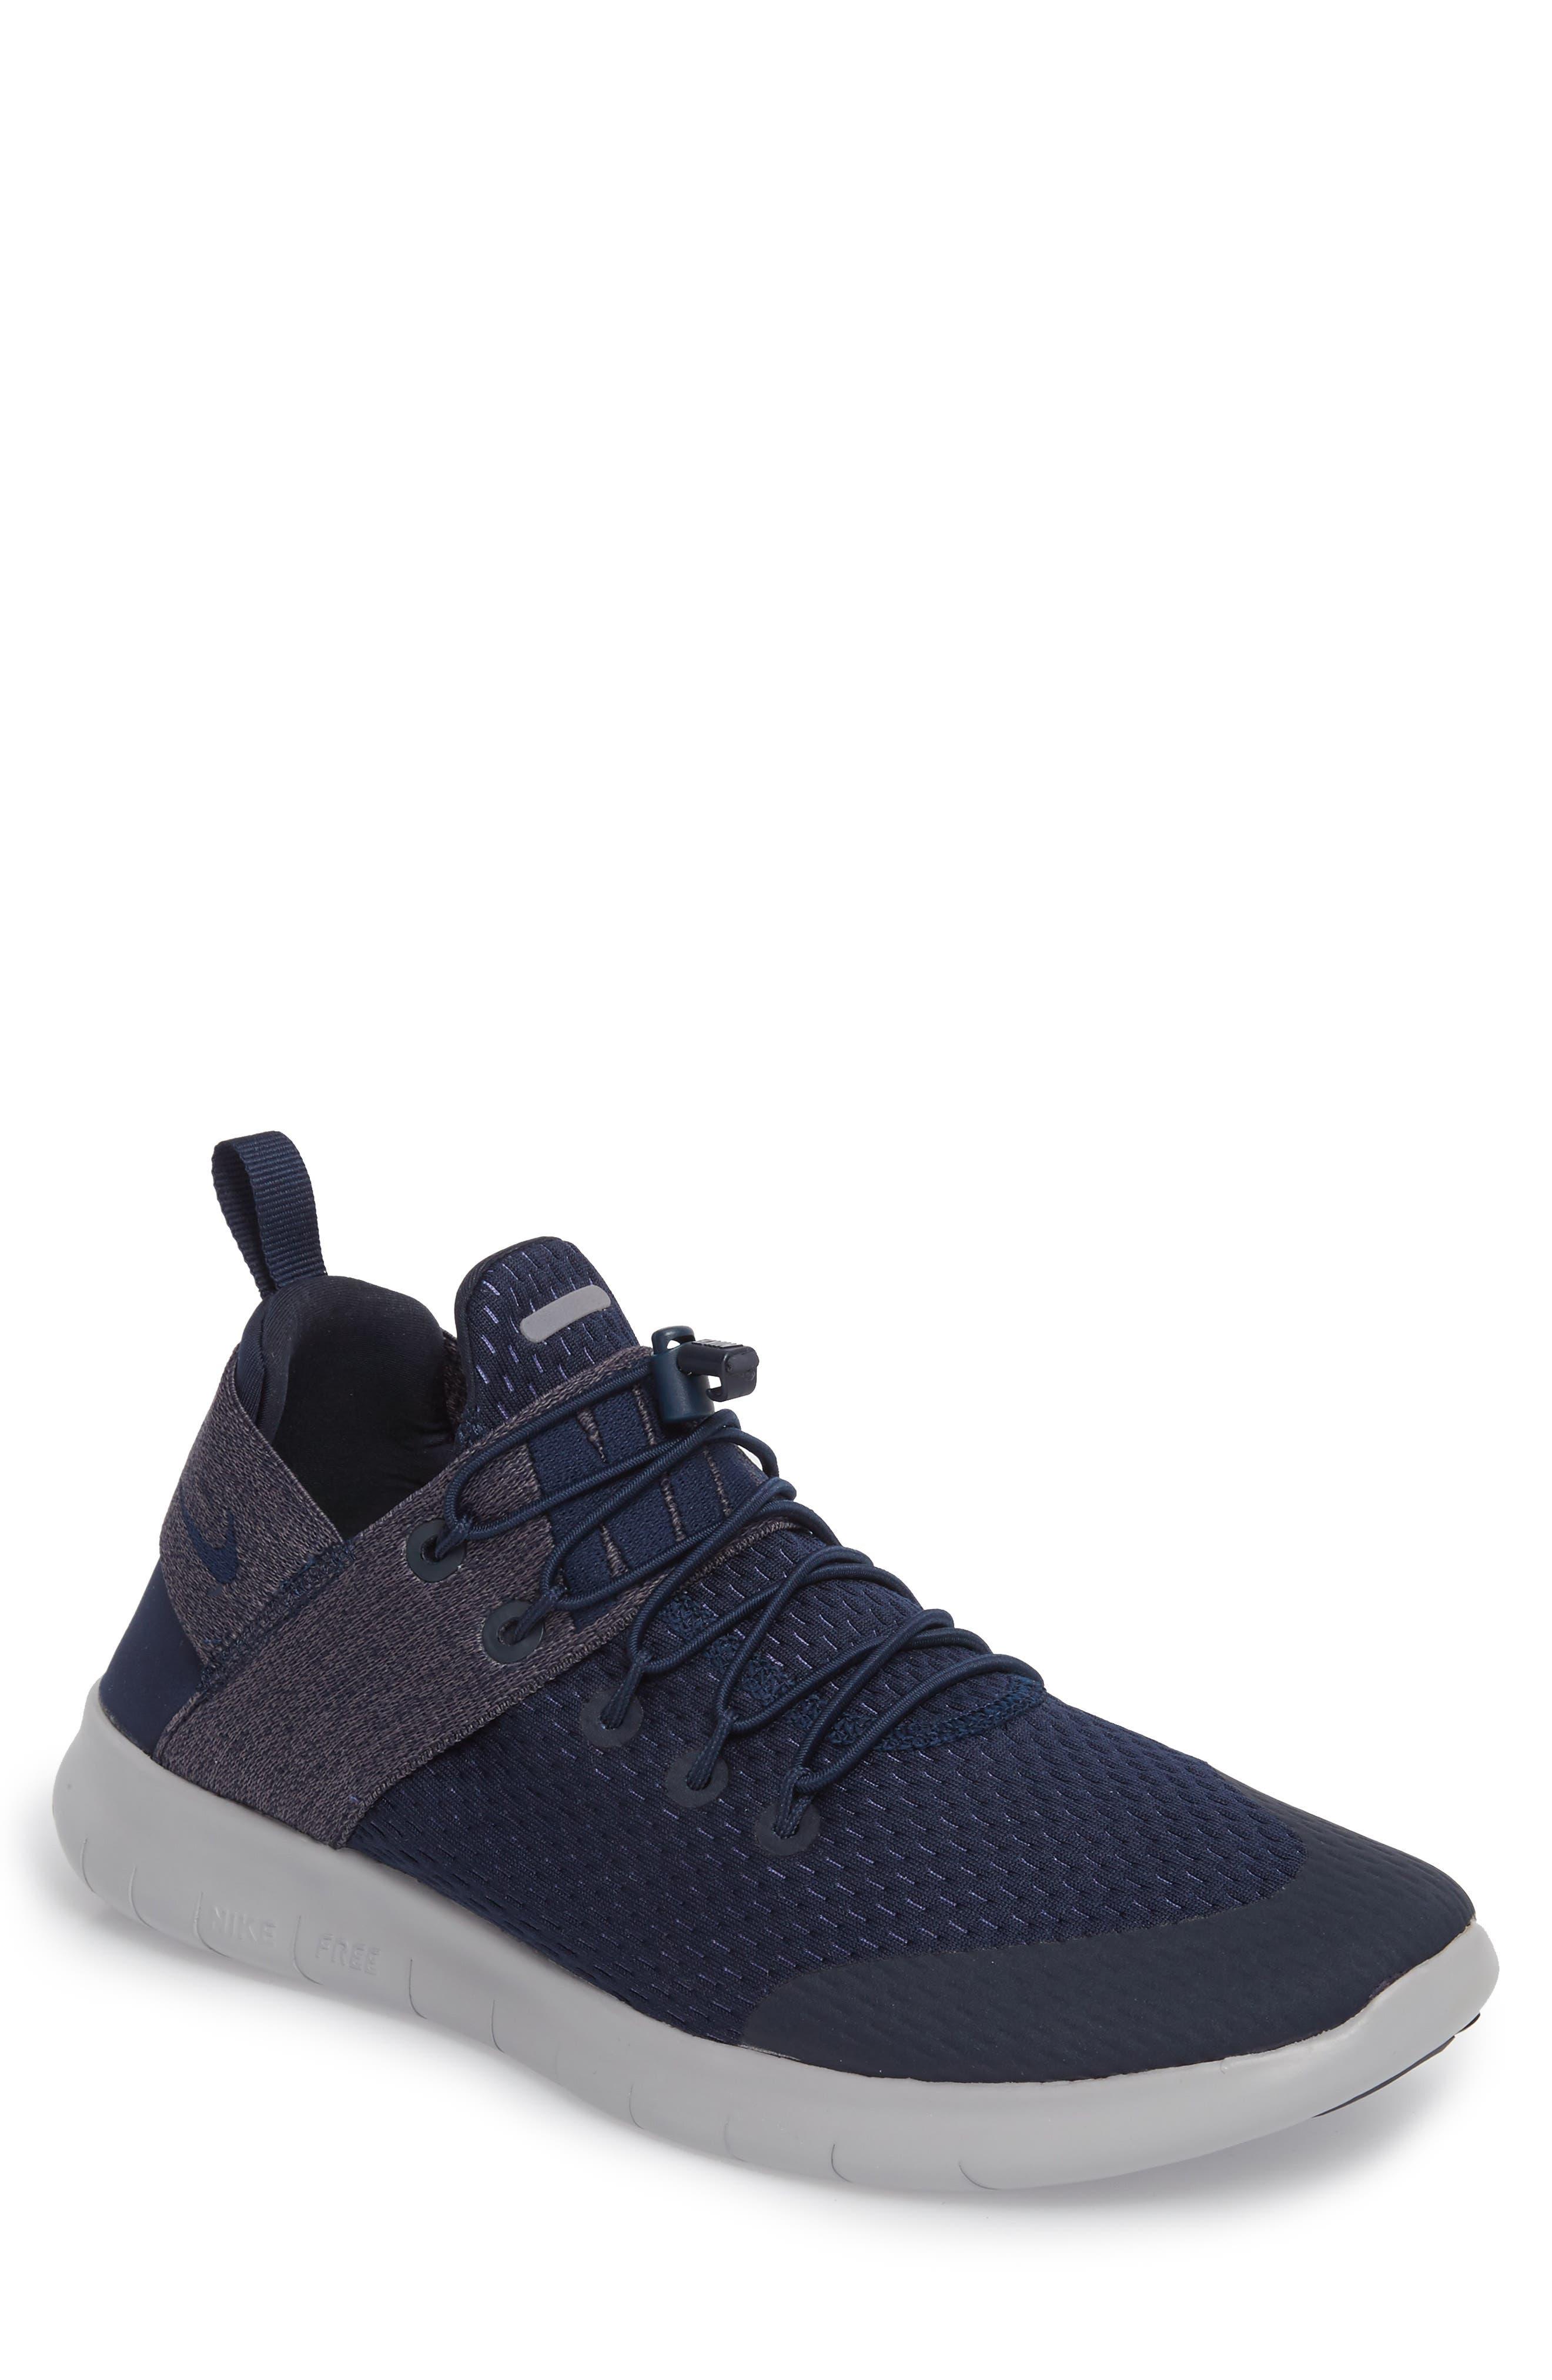 Nike Obsidian Free Rn Cmtr 2 Running Zapato Obsidiana  Obsidian Nike Humo De La Pistola bec0e7